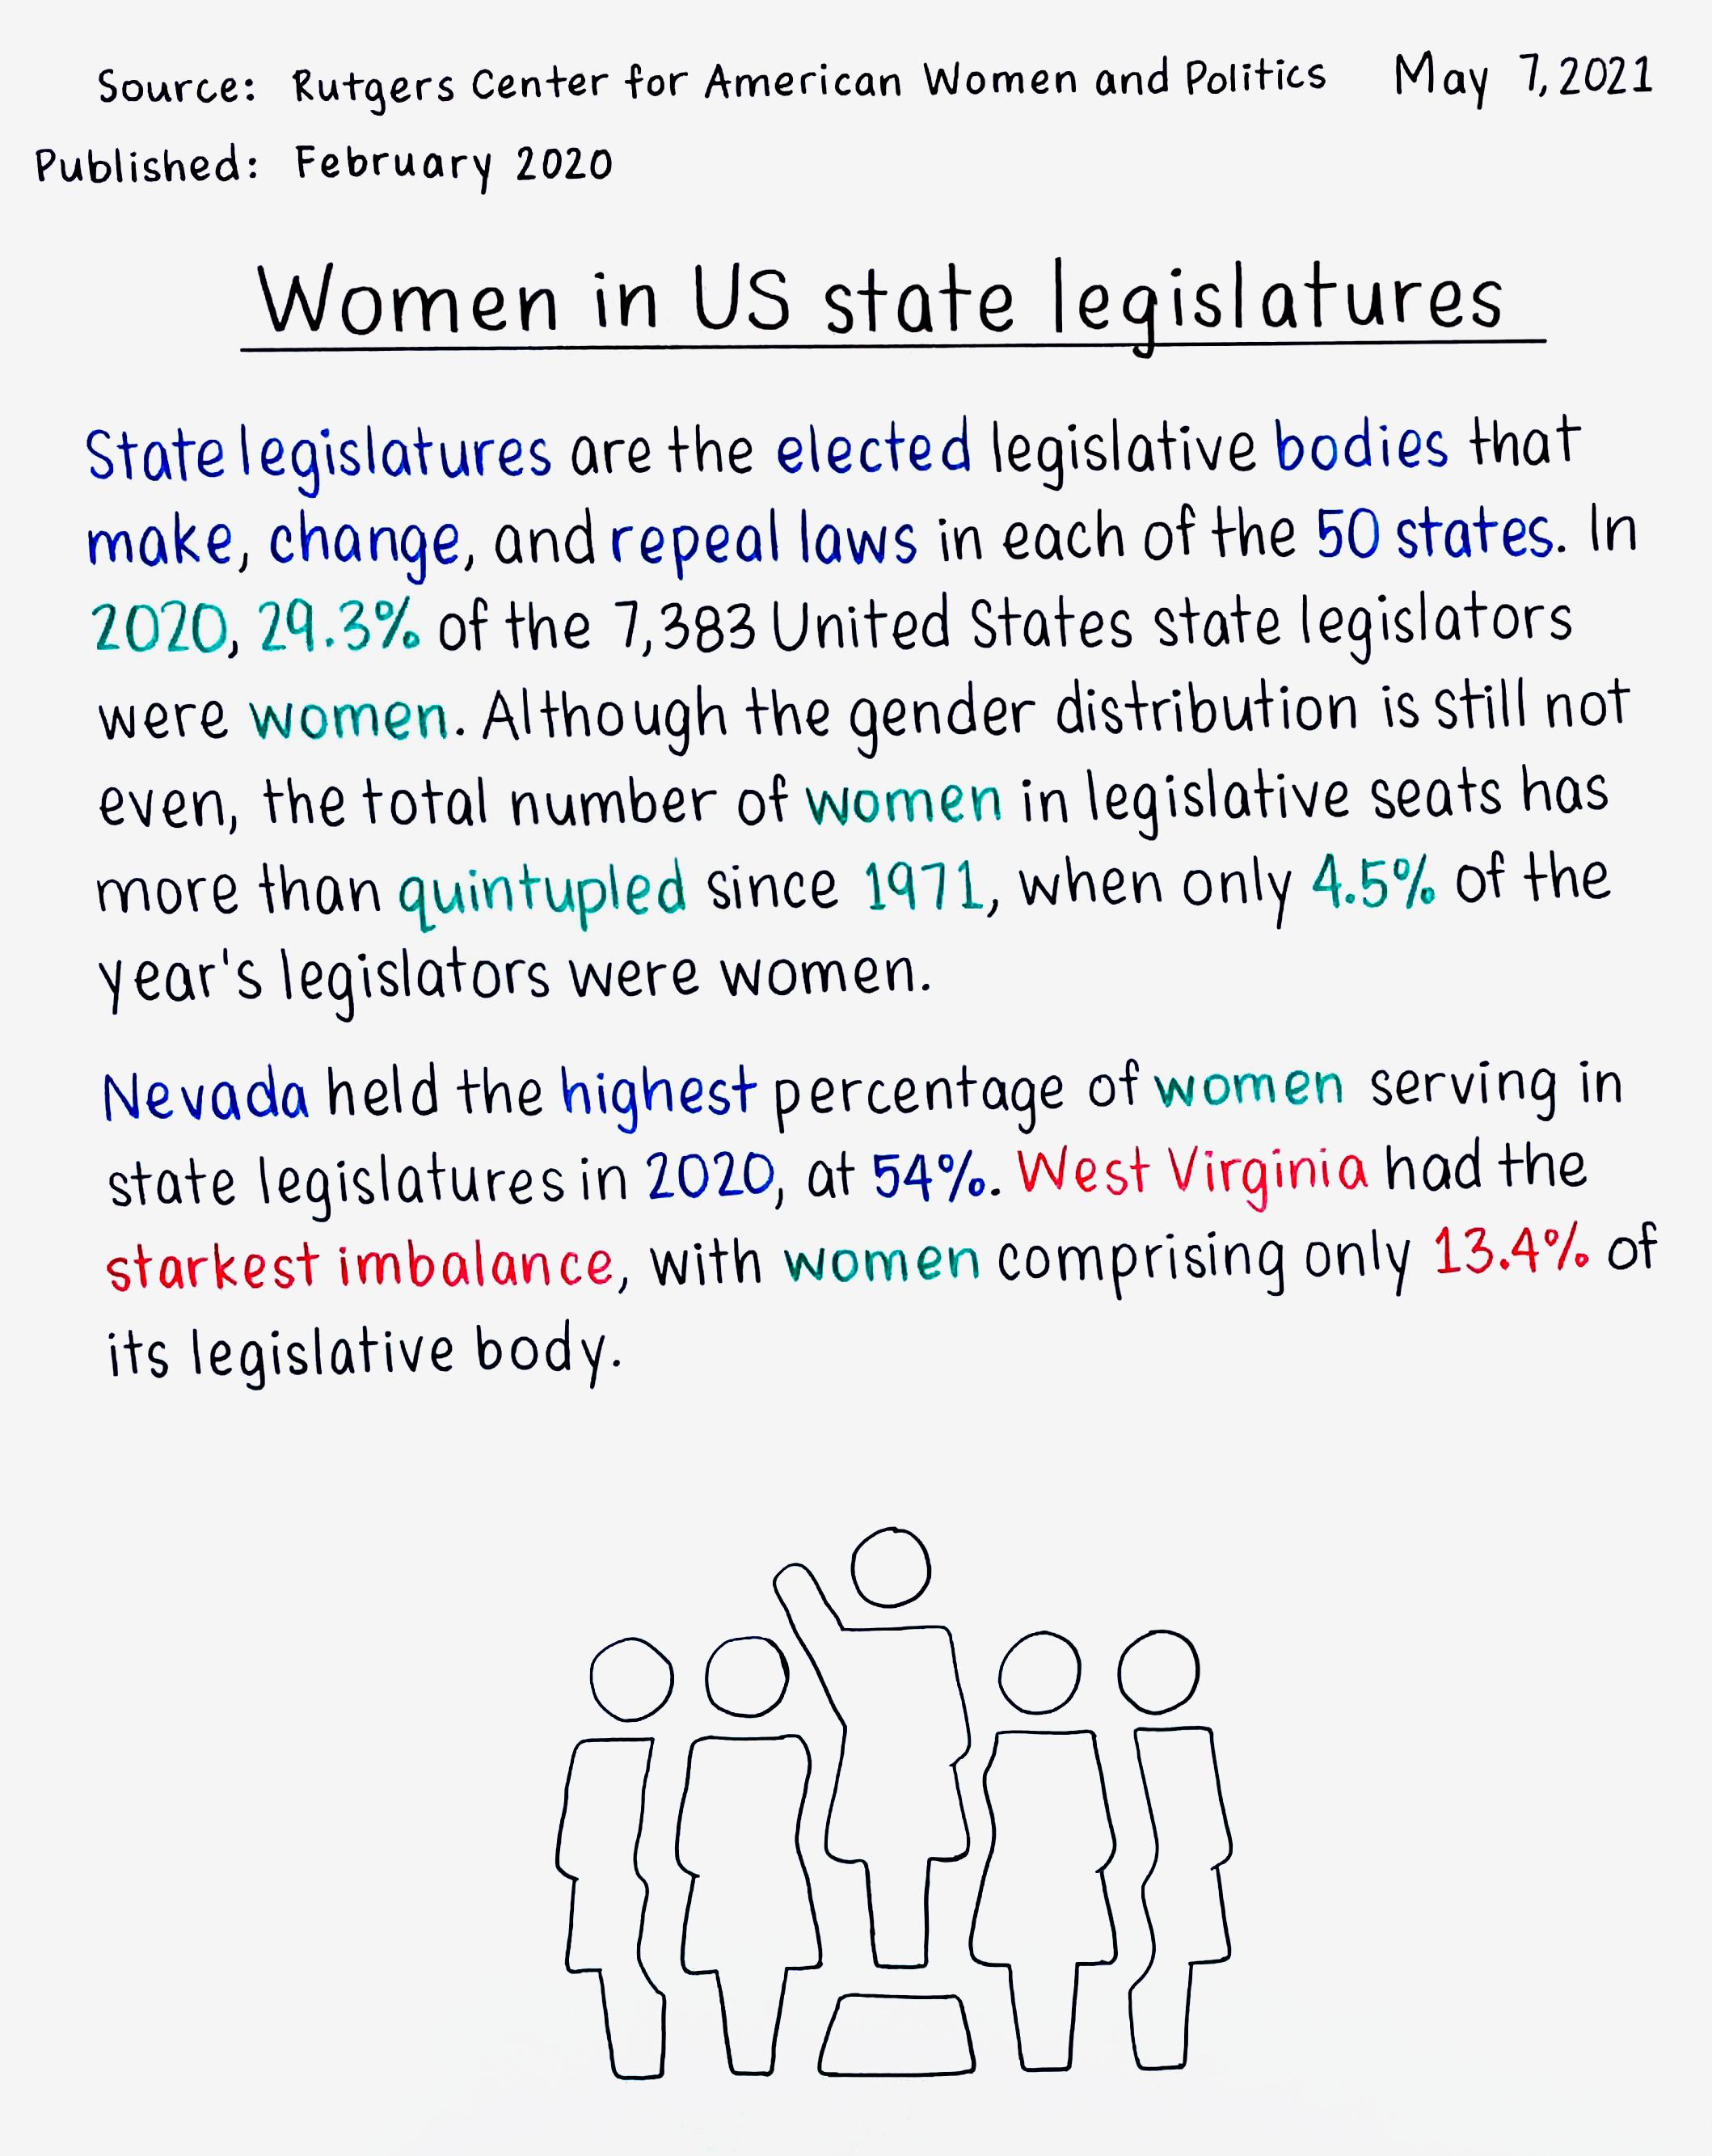 Women in US state legislatures